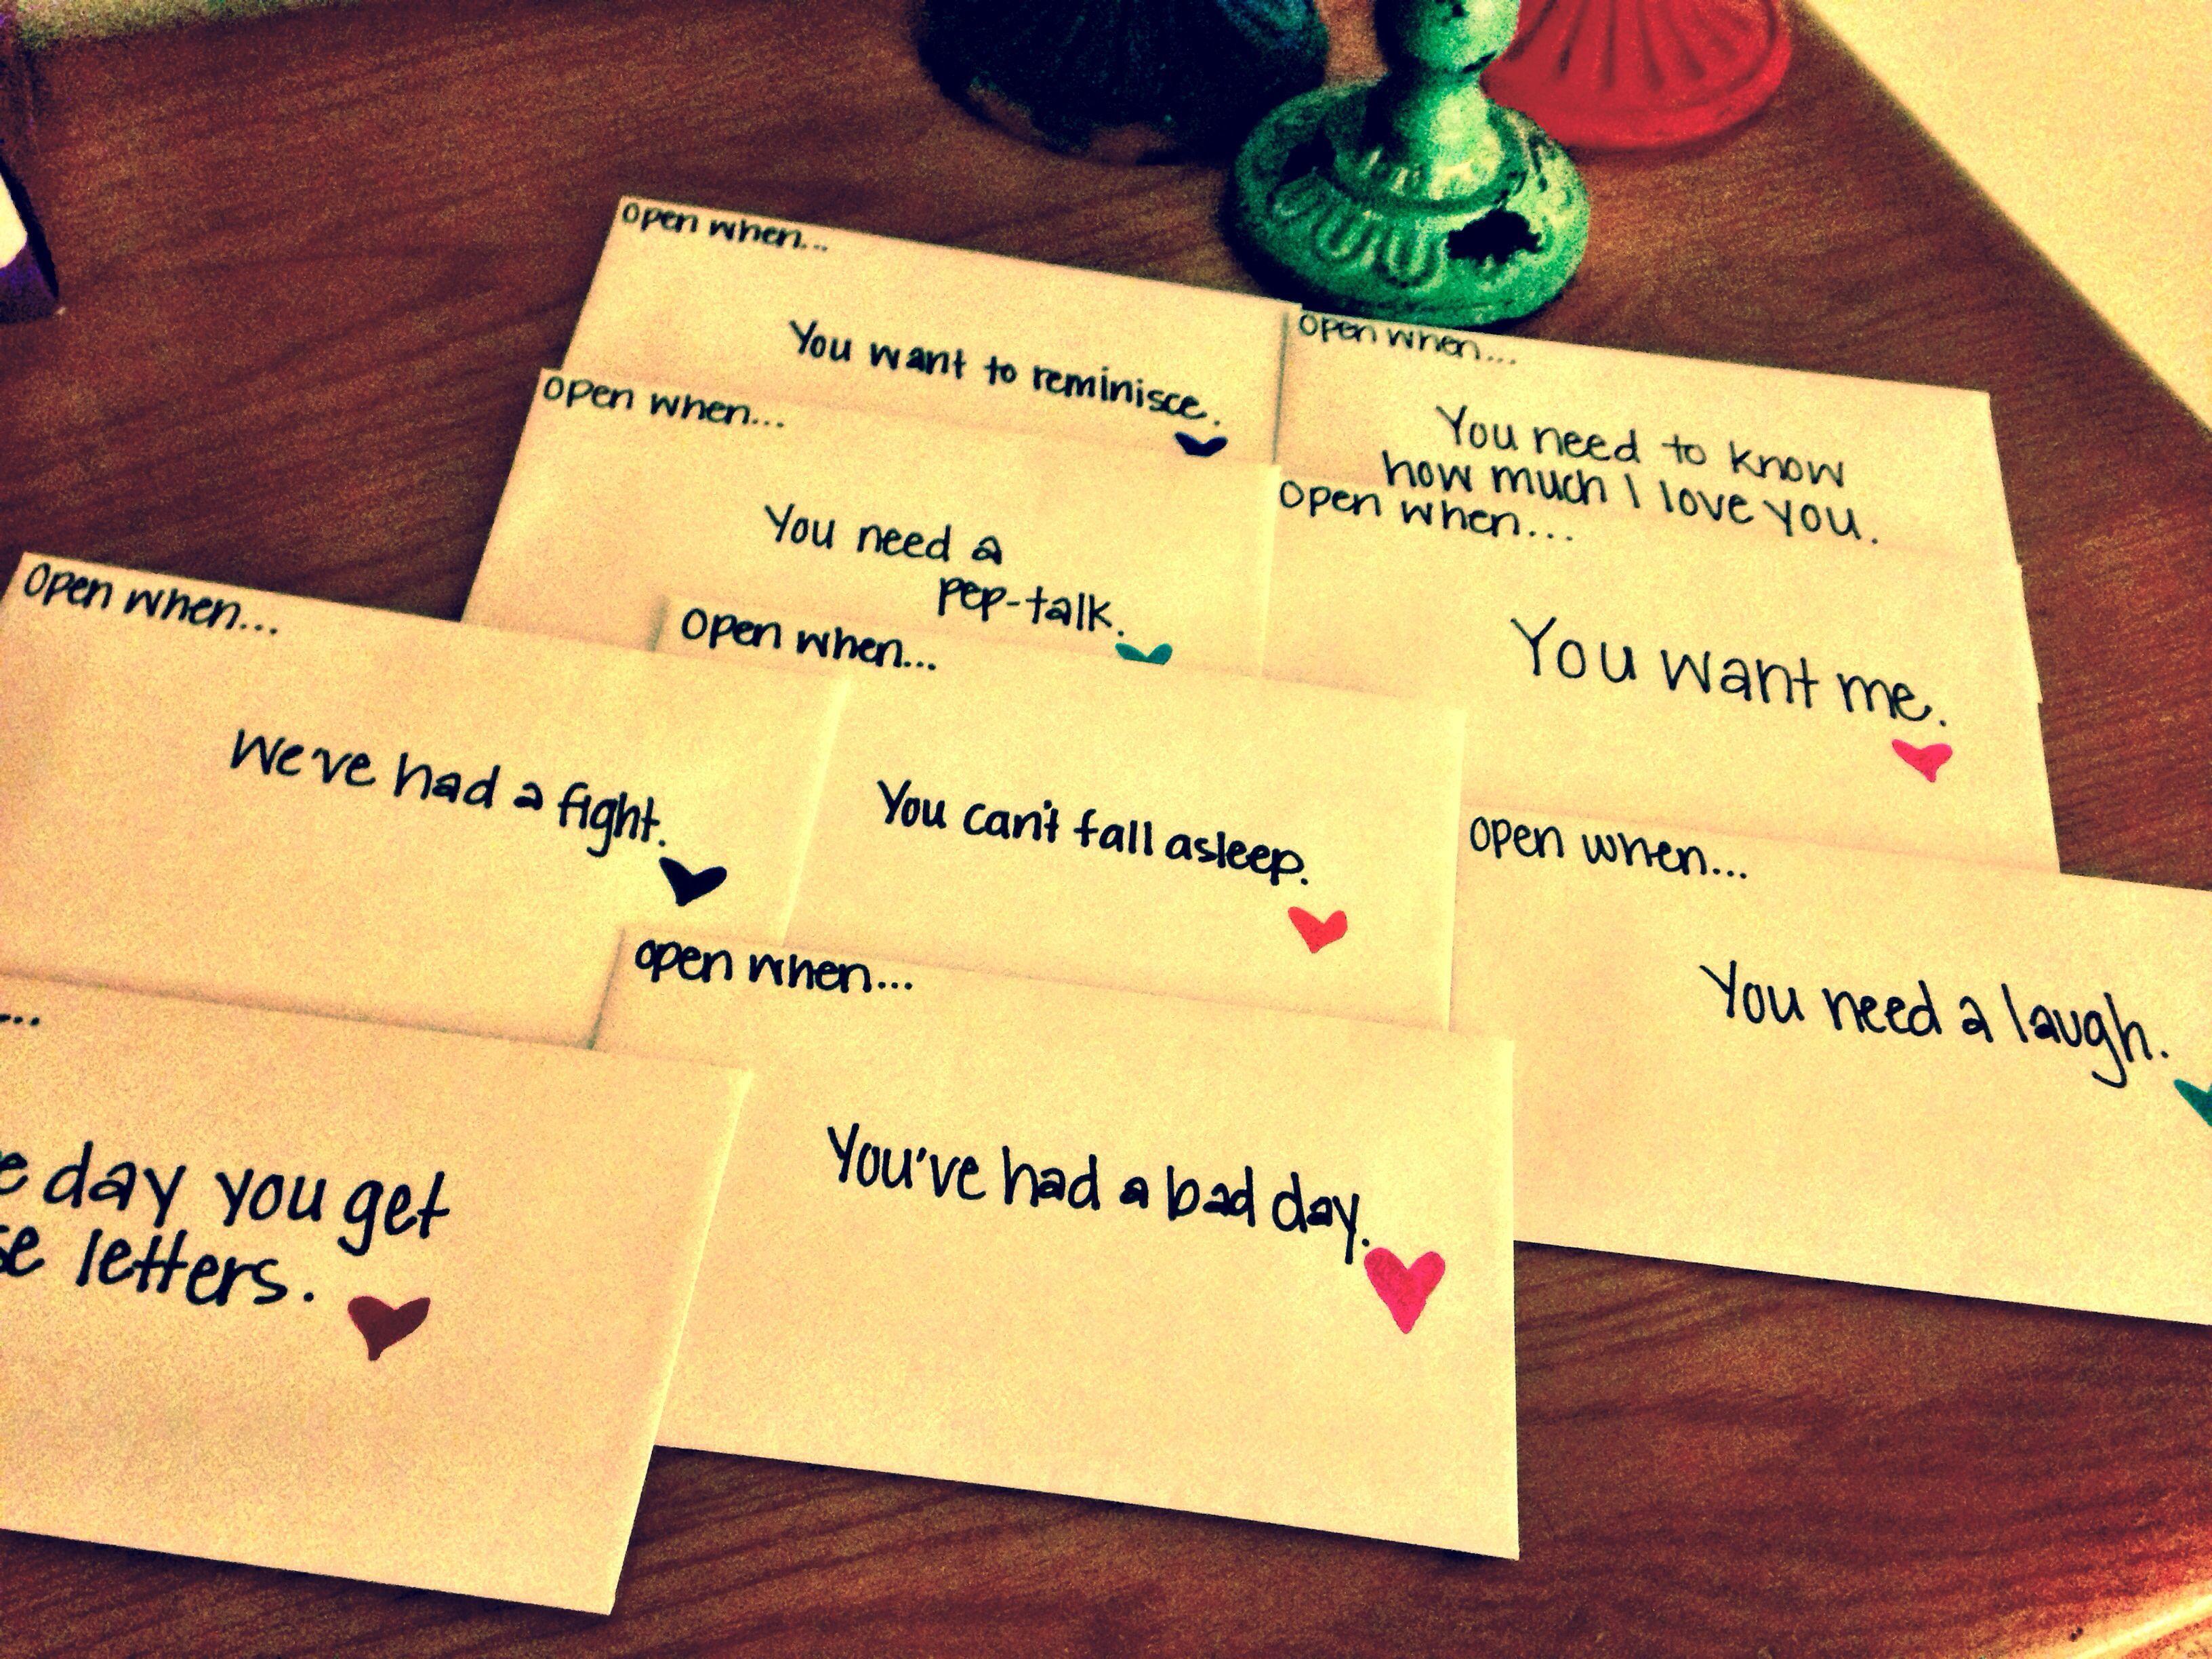 36+ Letter to girlfriend expressing hurt feelings ideas in 2021